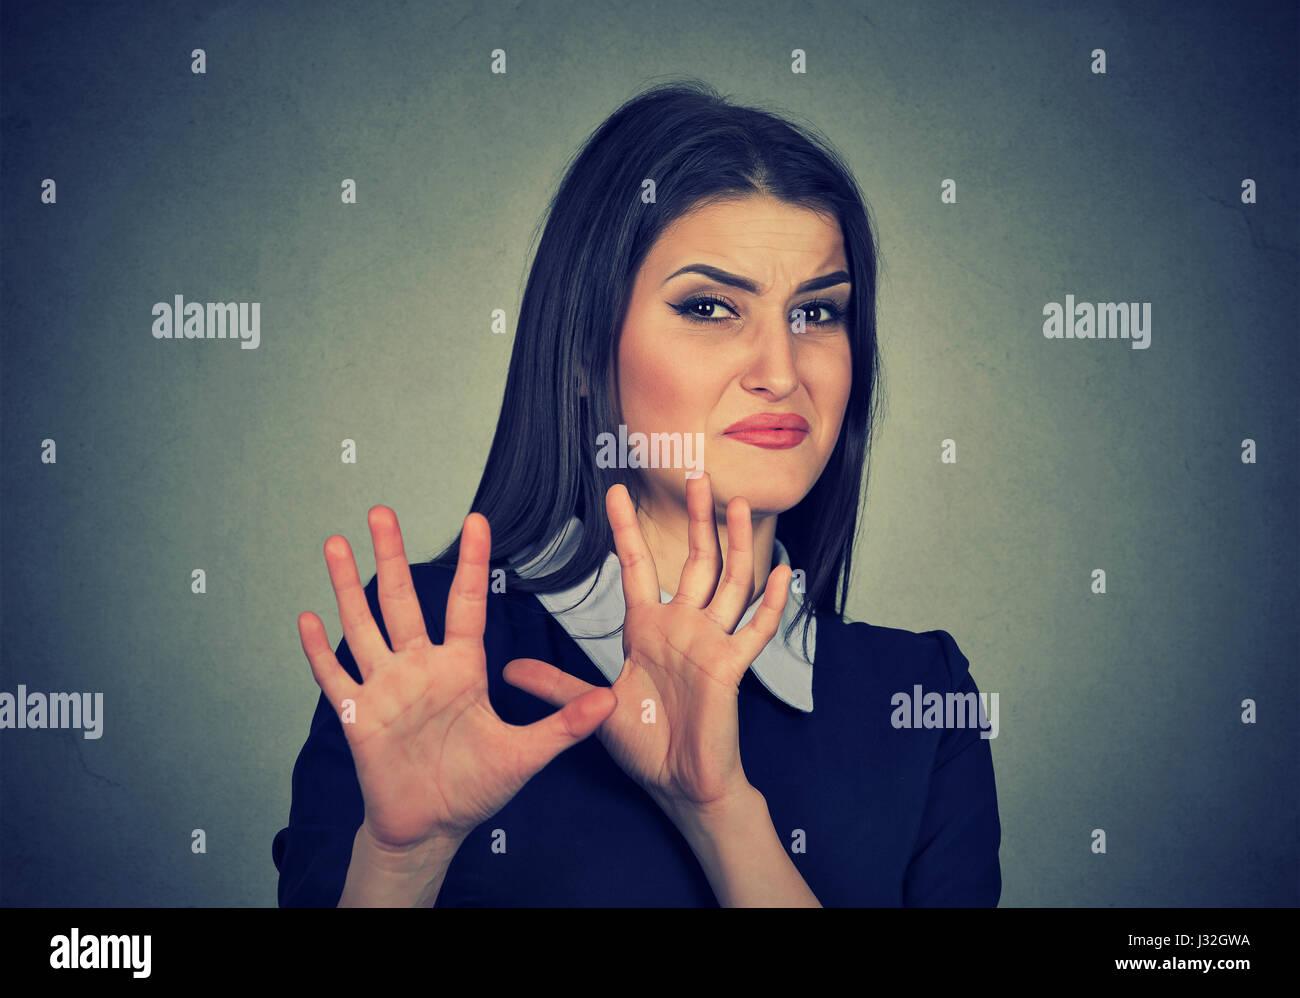 Jeune femme avec expression dégoûtée en esquivant quelque chose Photo Stock